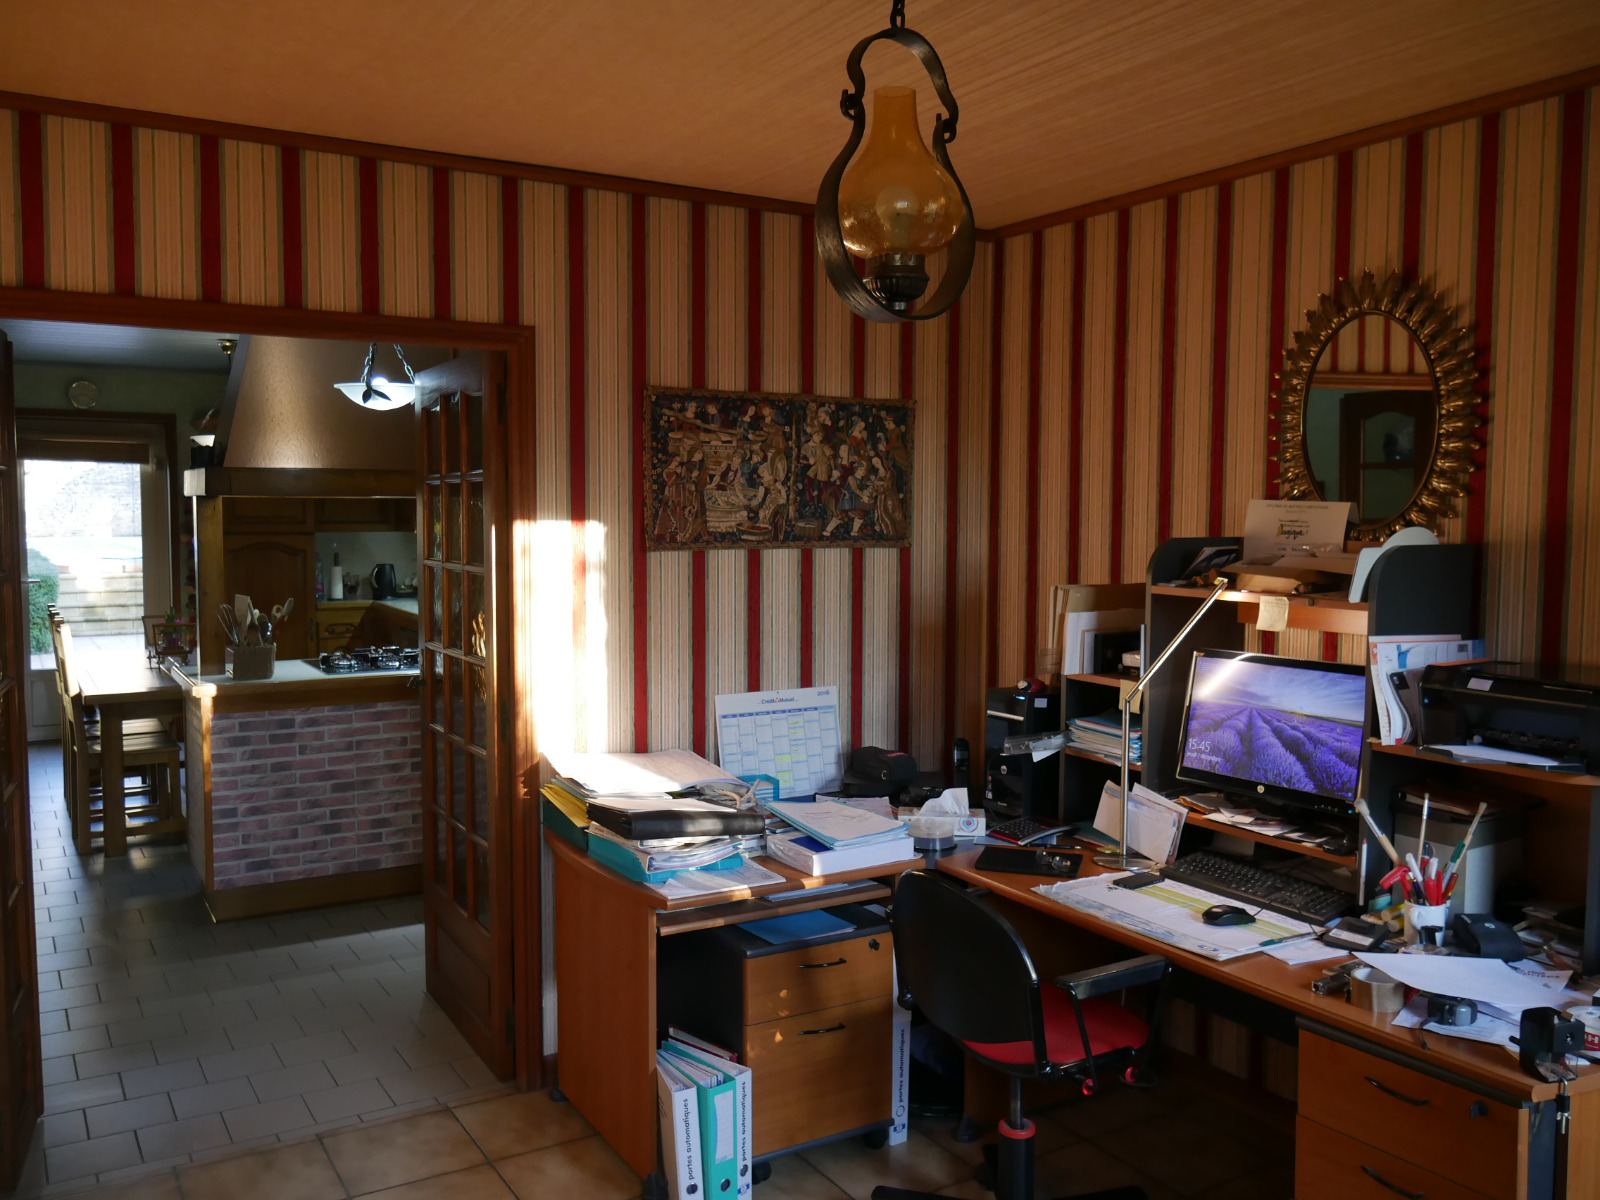 Achat belle demeure beaune 21200 proche verdun sur le for Achat belle demeure